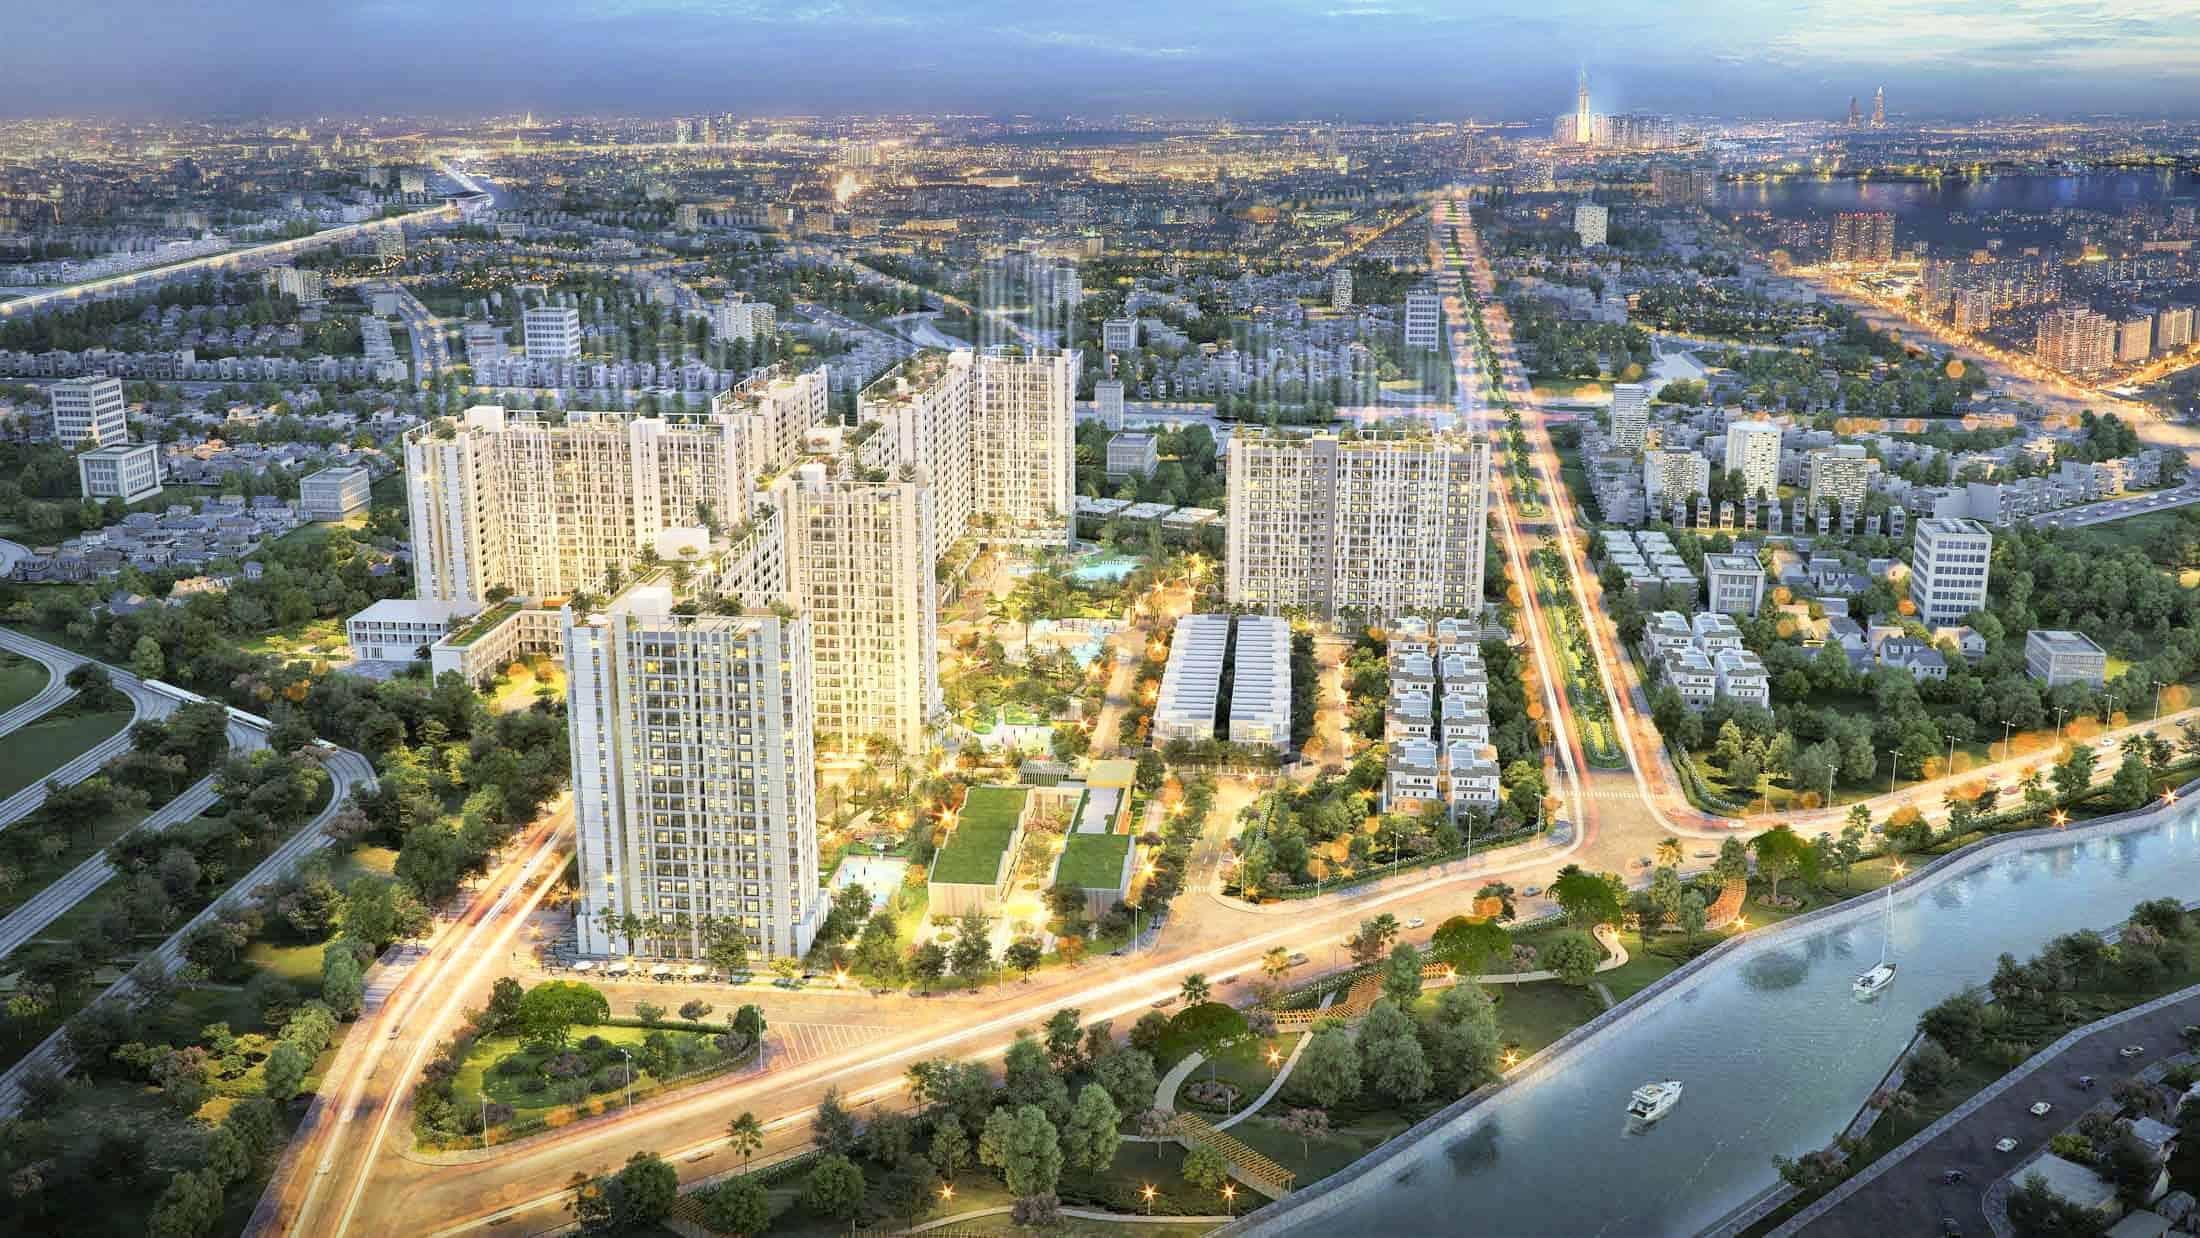 Căn hộ Astral city Thuận An Bình Dương tiếp tục đà tăng trưởng